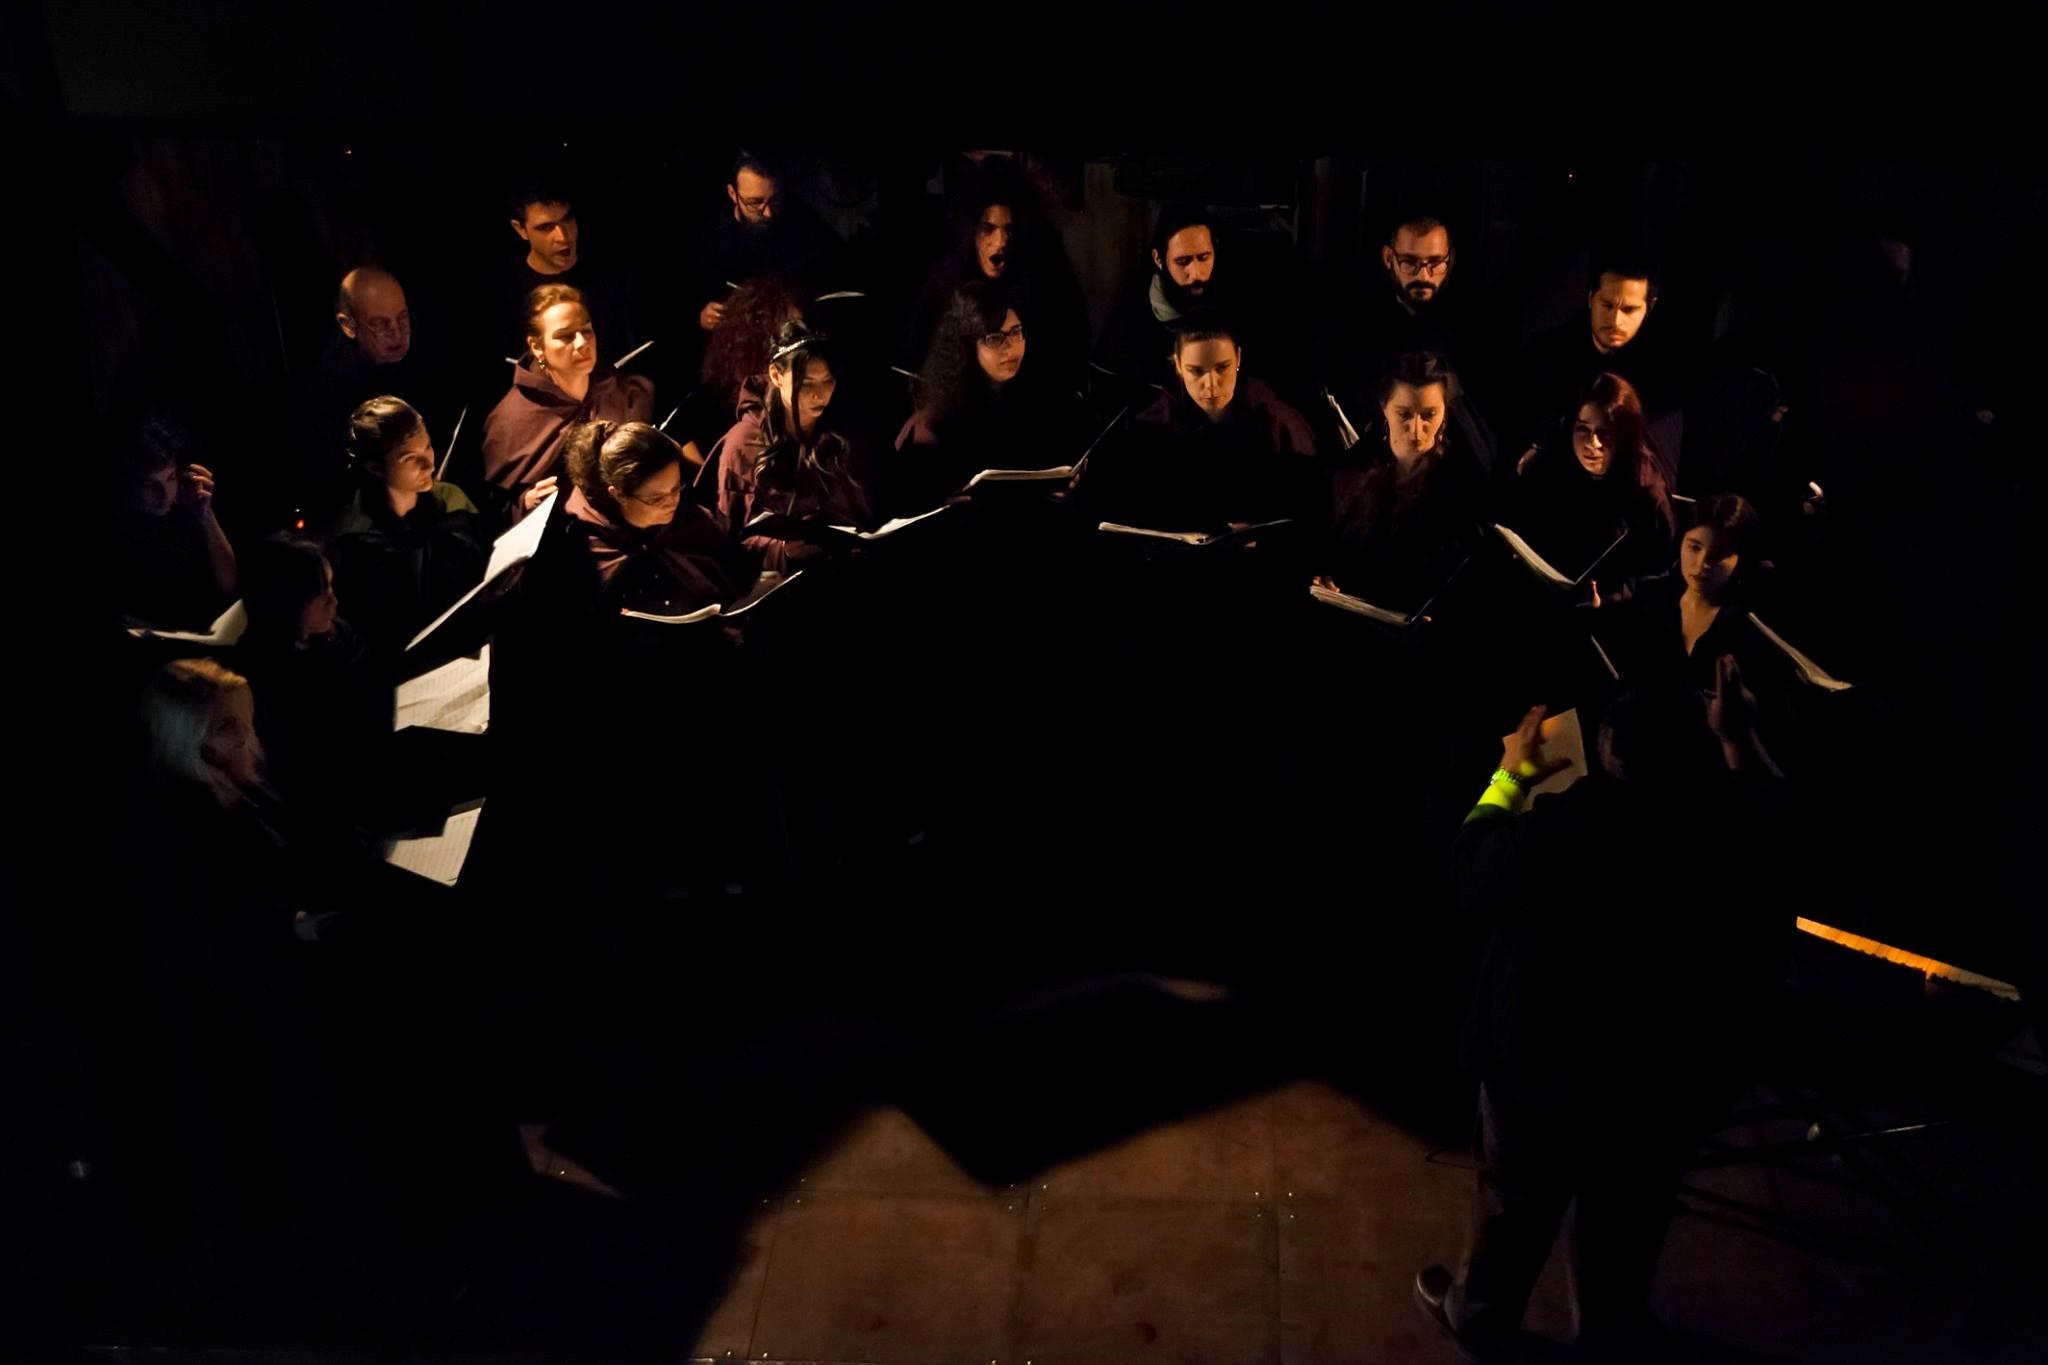 χορωδία, τεχνοχώρος φάμπρικα, fabrica athens, αθήνα, τραγούδι